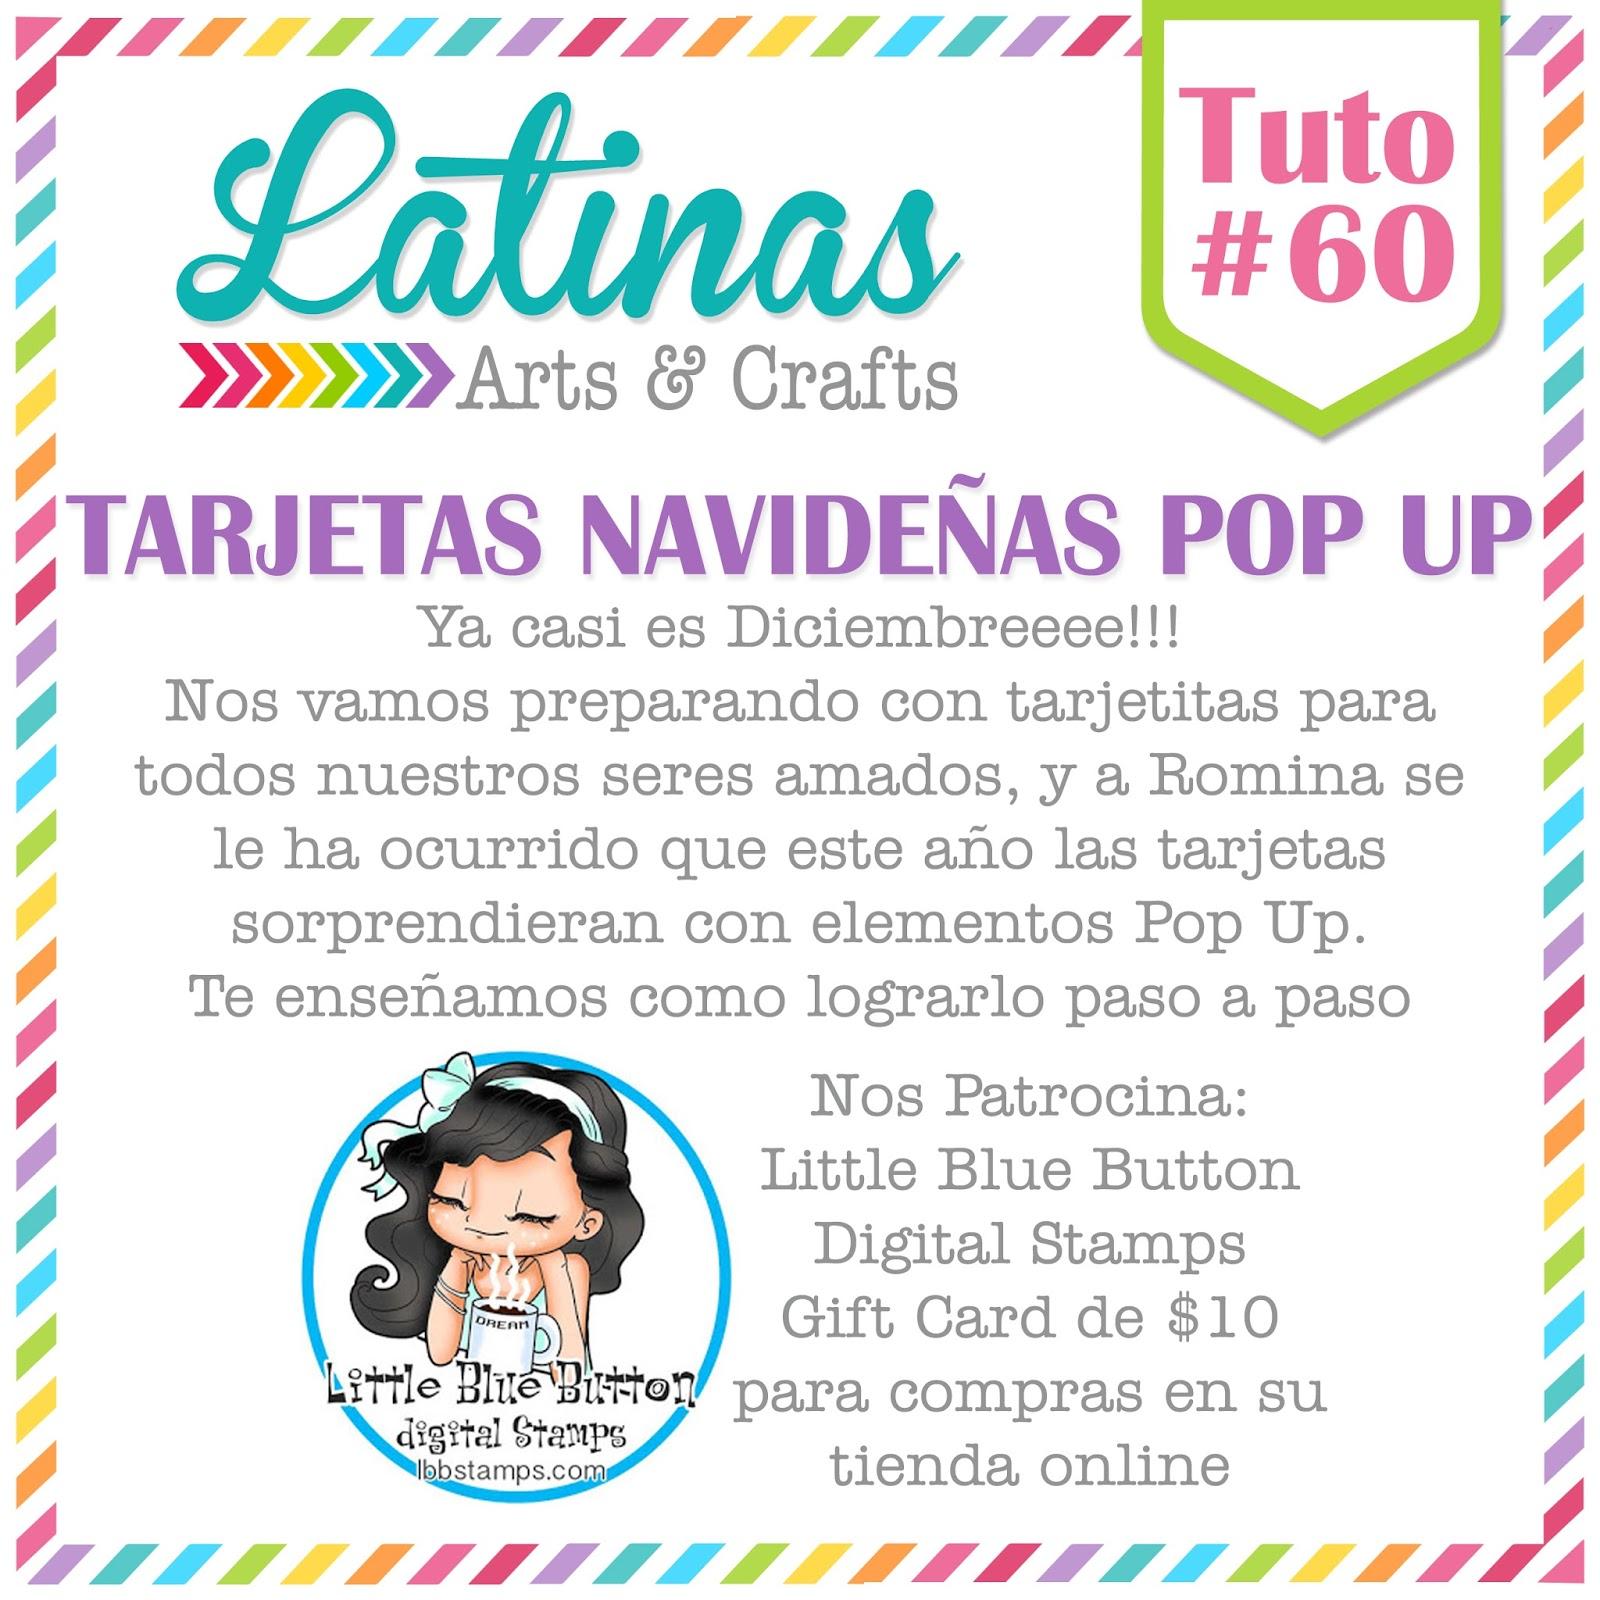 Hacer Tarjetas Navidenas Online Con Fotos.Latinas Arts And Crafts Noviembre 2016